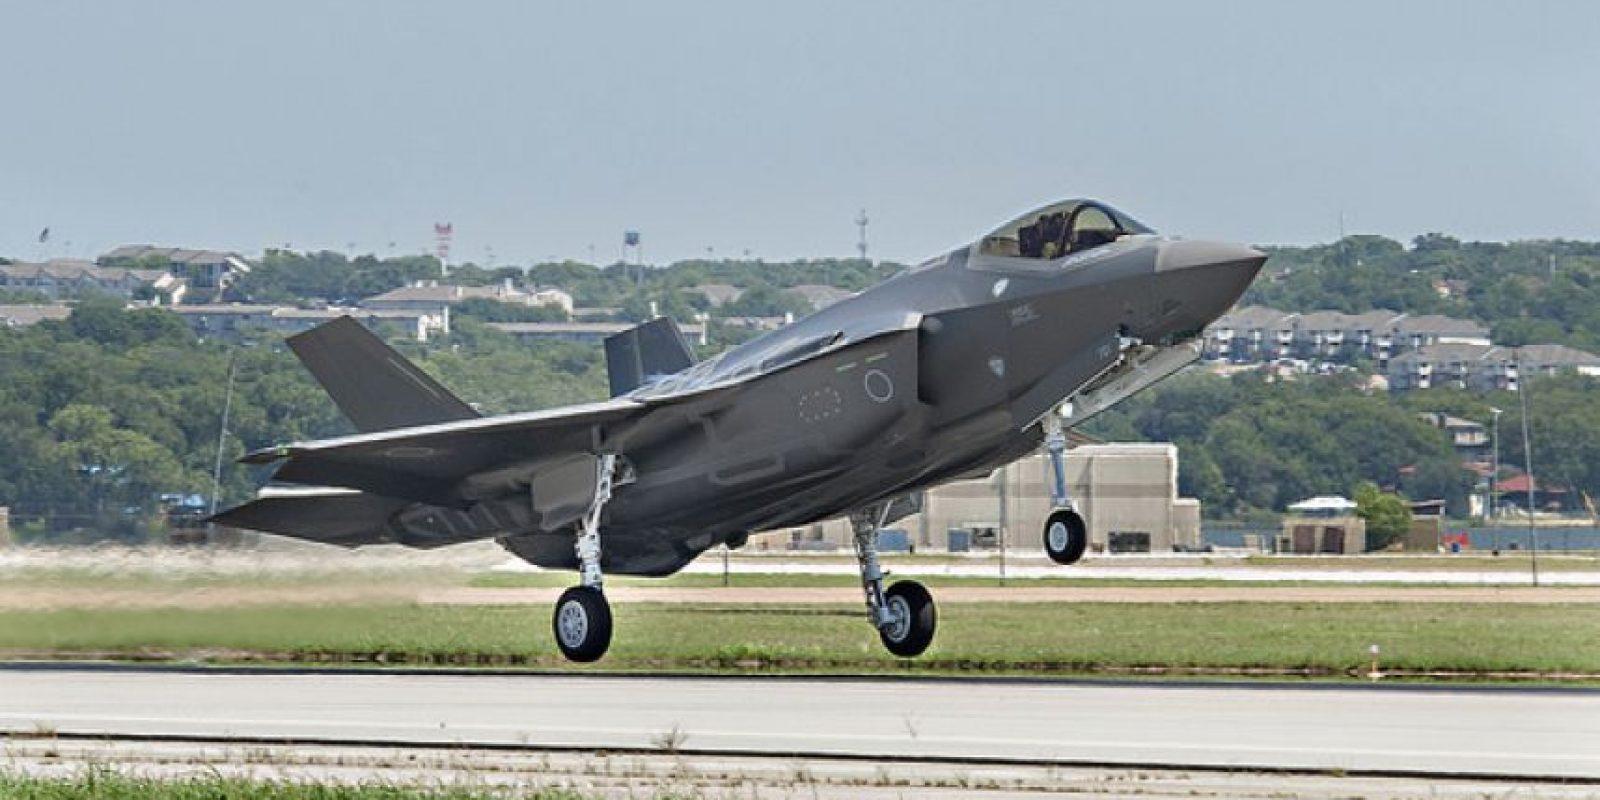 El caza F-35A, su versión standard. Foto:Lockheed Martin. Imagen Por: